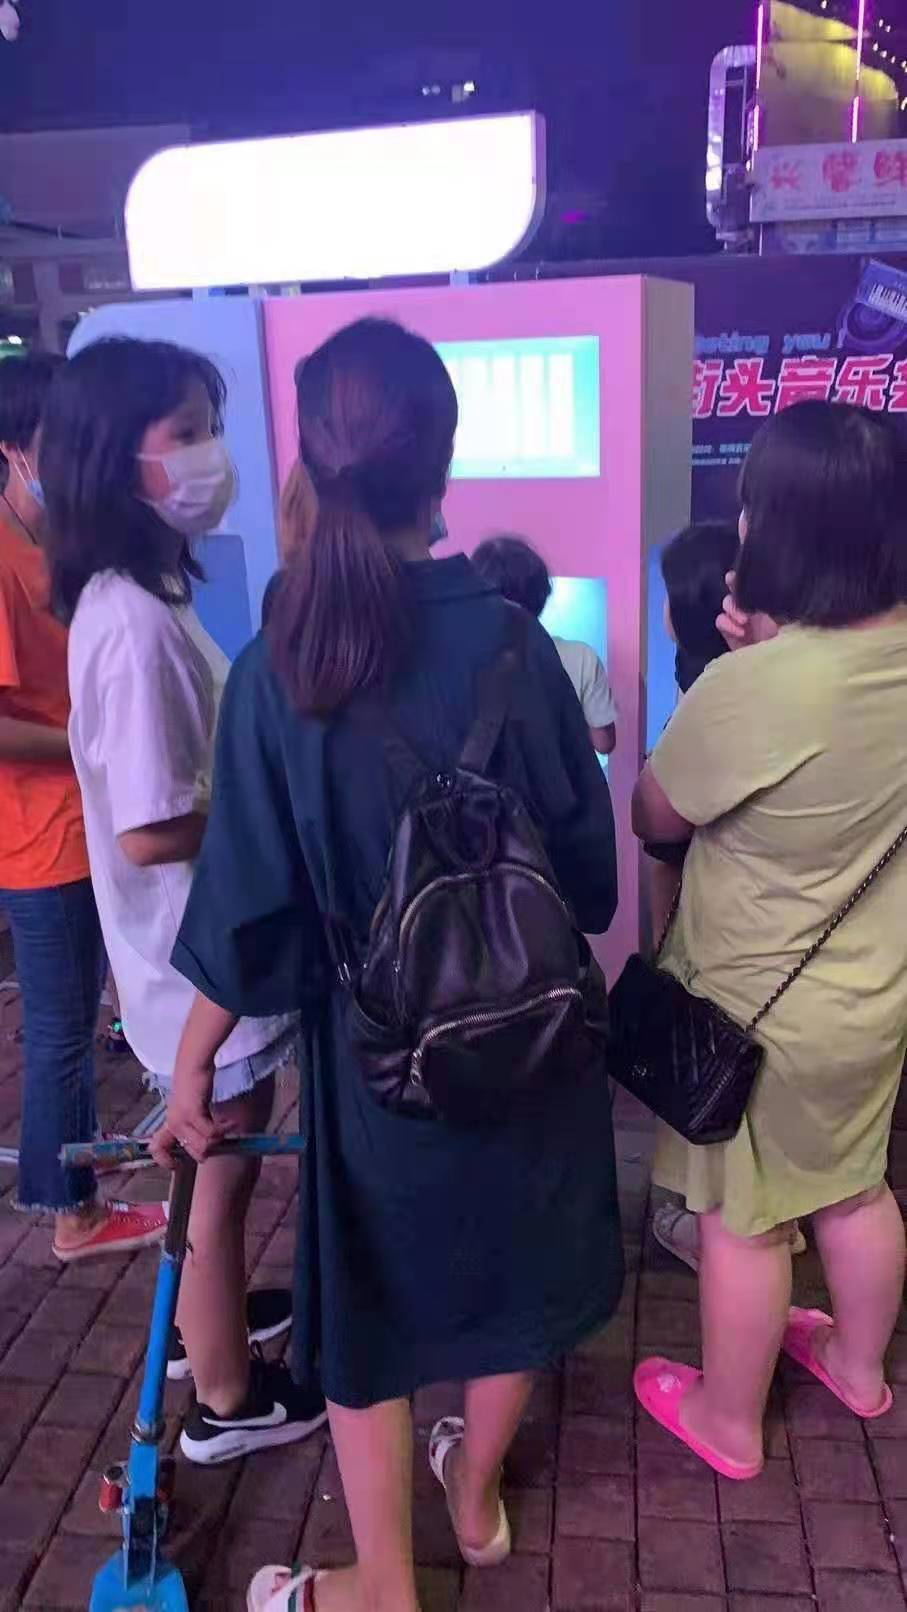 梅州五华扬漫棉花糖机买的人多吗